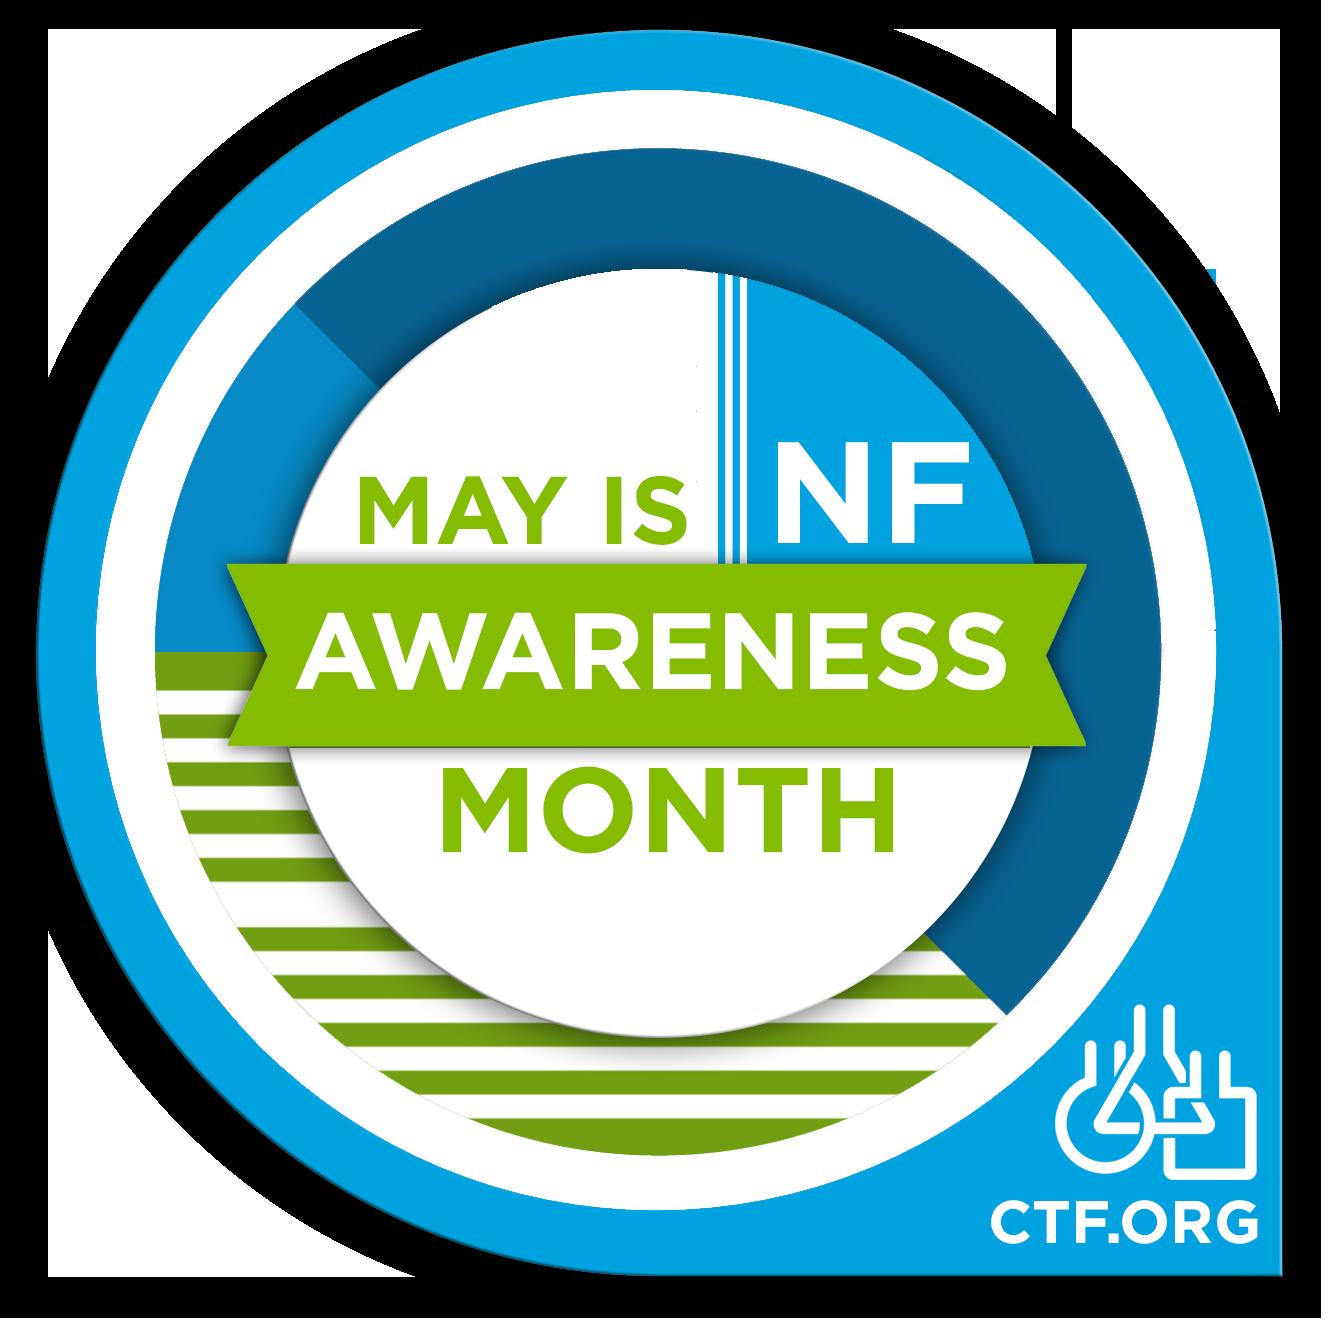 NF Awareness Month | Children's Tumor Foundation